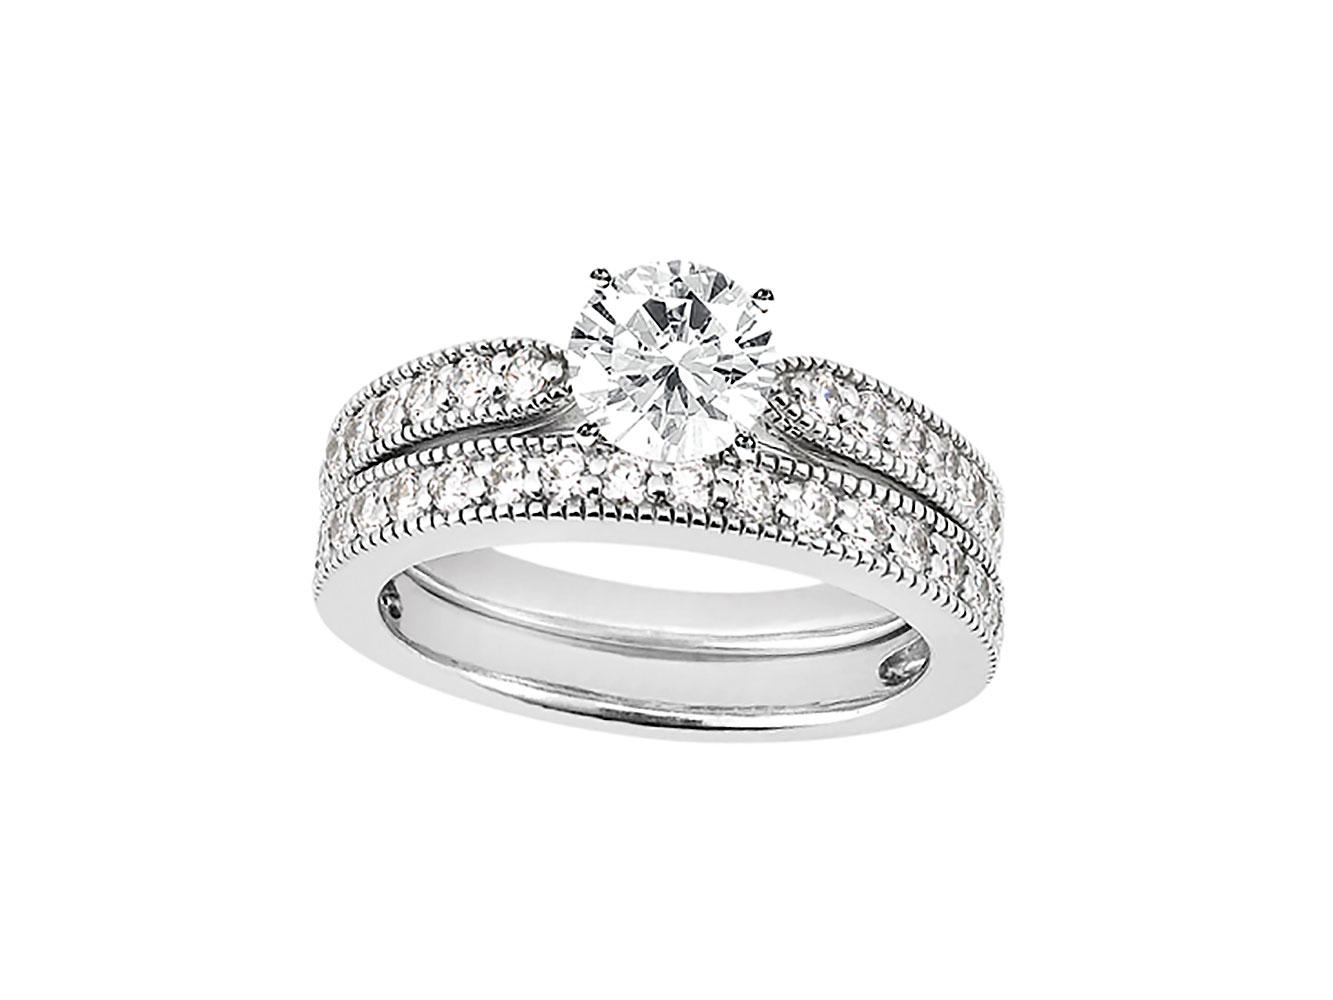 Genuine 1 30ct Round Diamond Engagement Ring Set 925